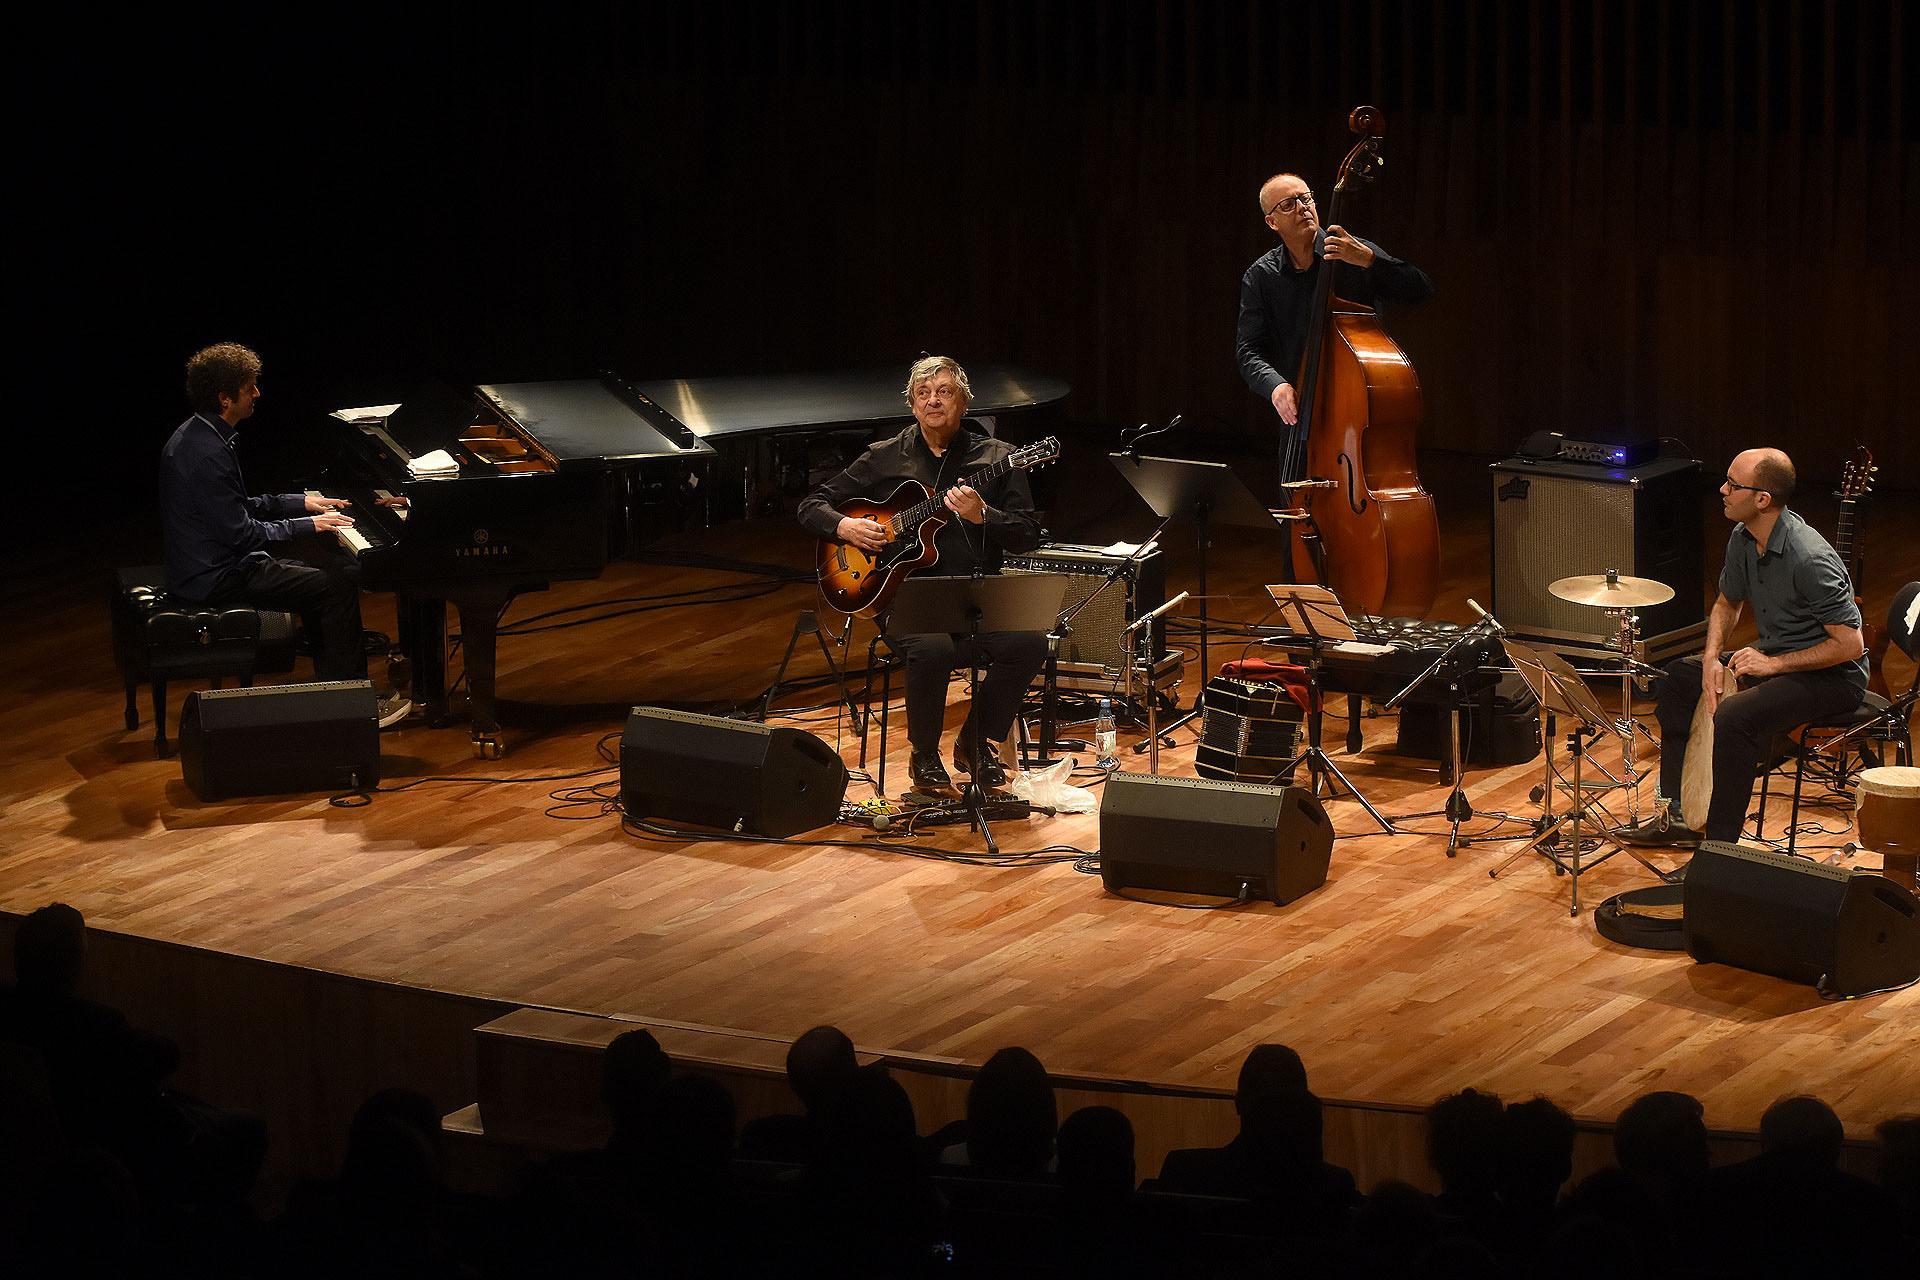 El concierto de jazz con el cuarteto del famoso guitarrista belga, Philip Catherine, en el CCK: una propuesta cultural del Palacio de Bellas Artes de Bruselas (BOZAR)